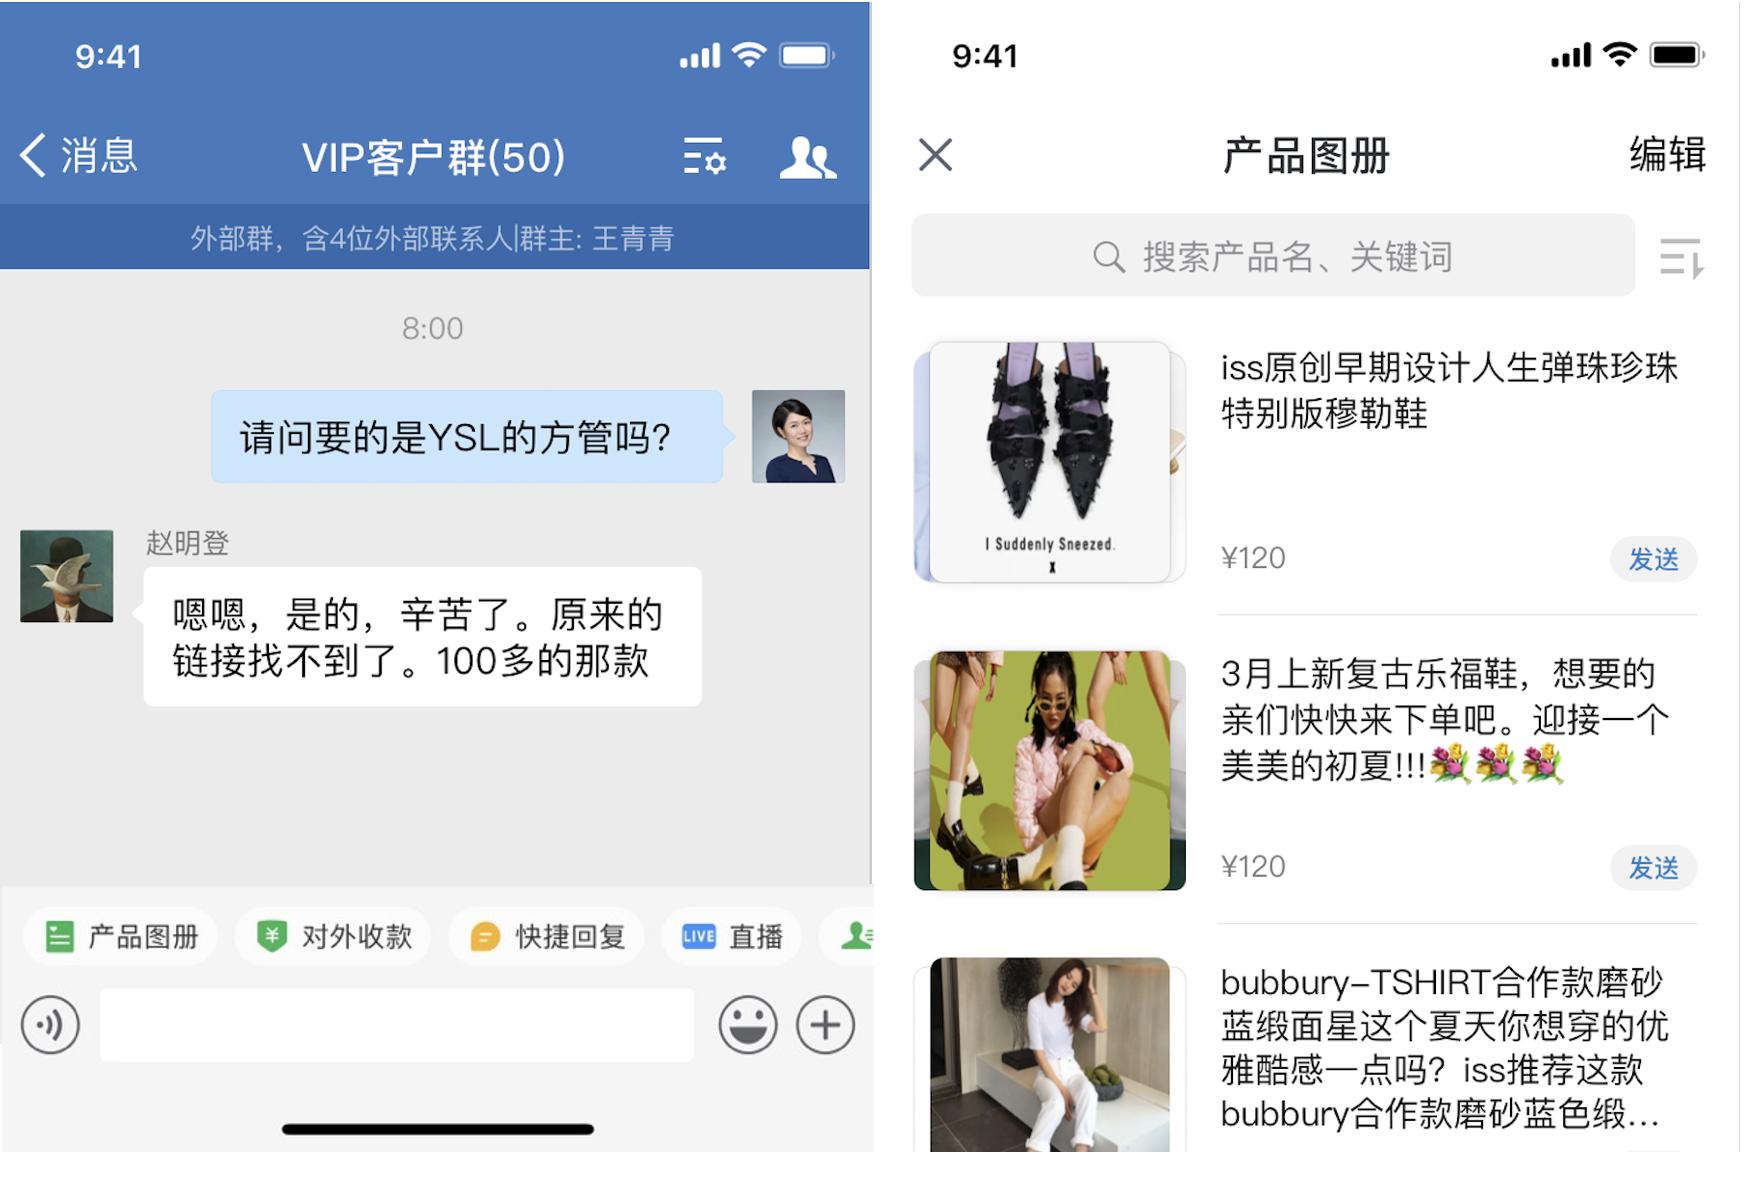 企业微信用户如何在聊天中发送分享企业产品相册?